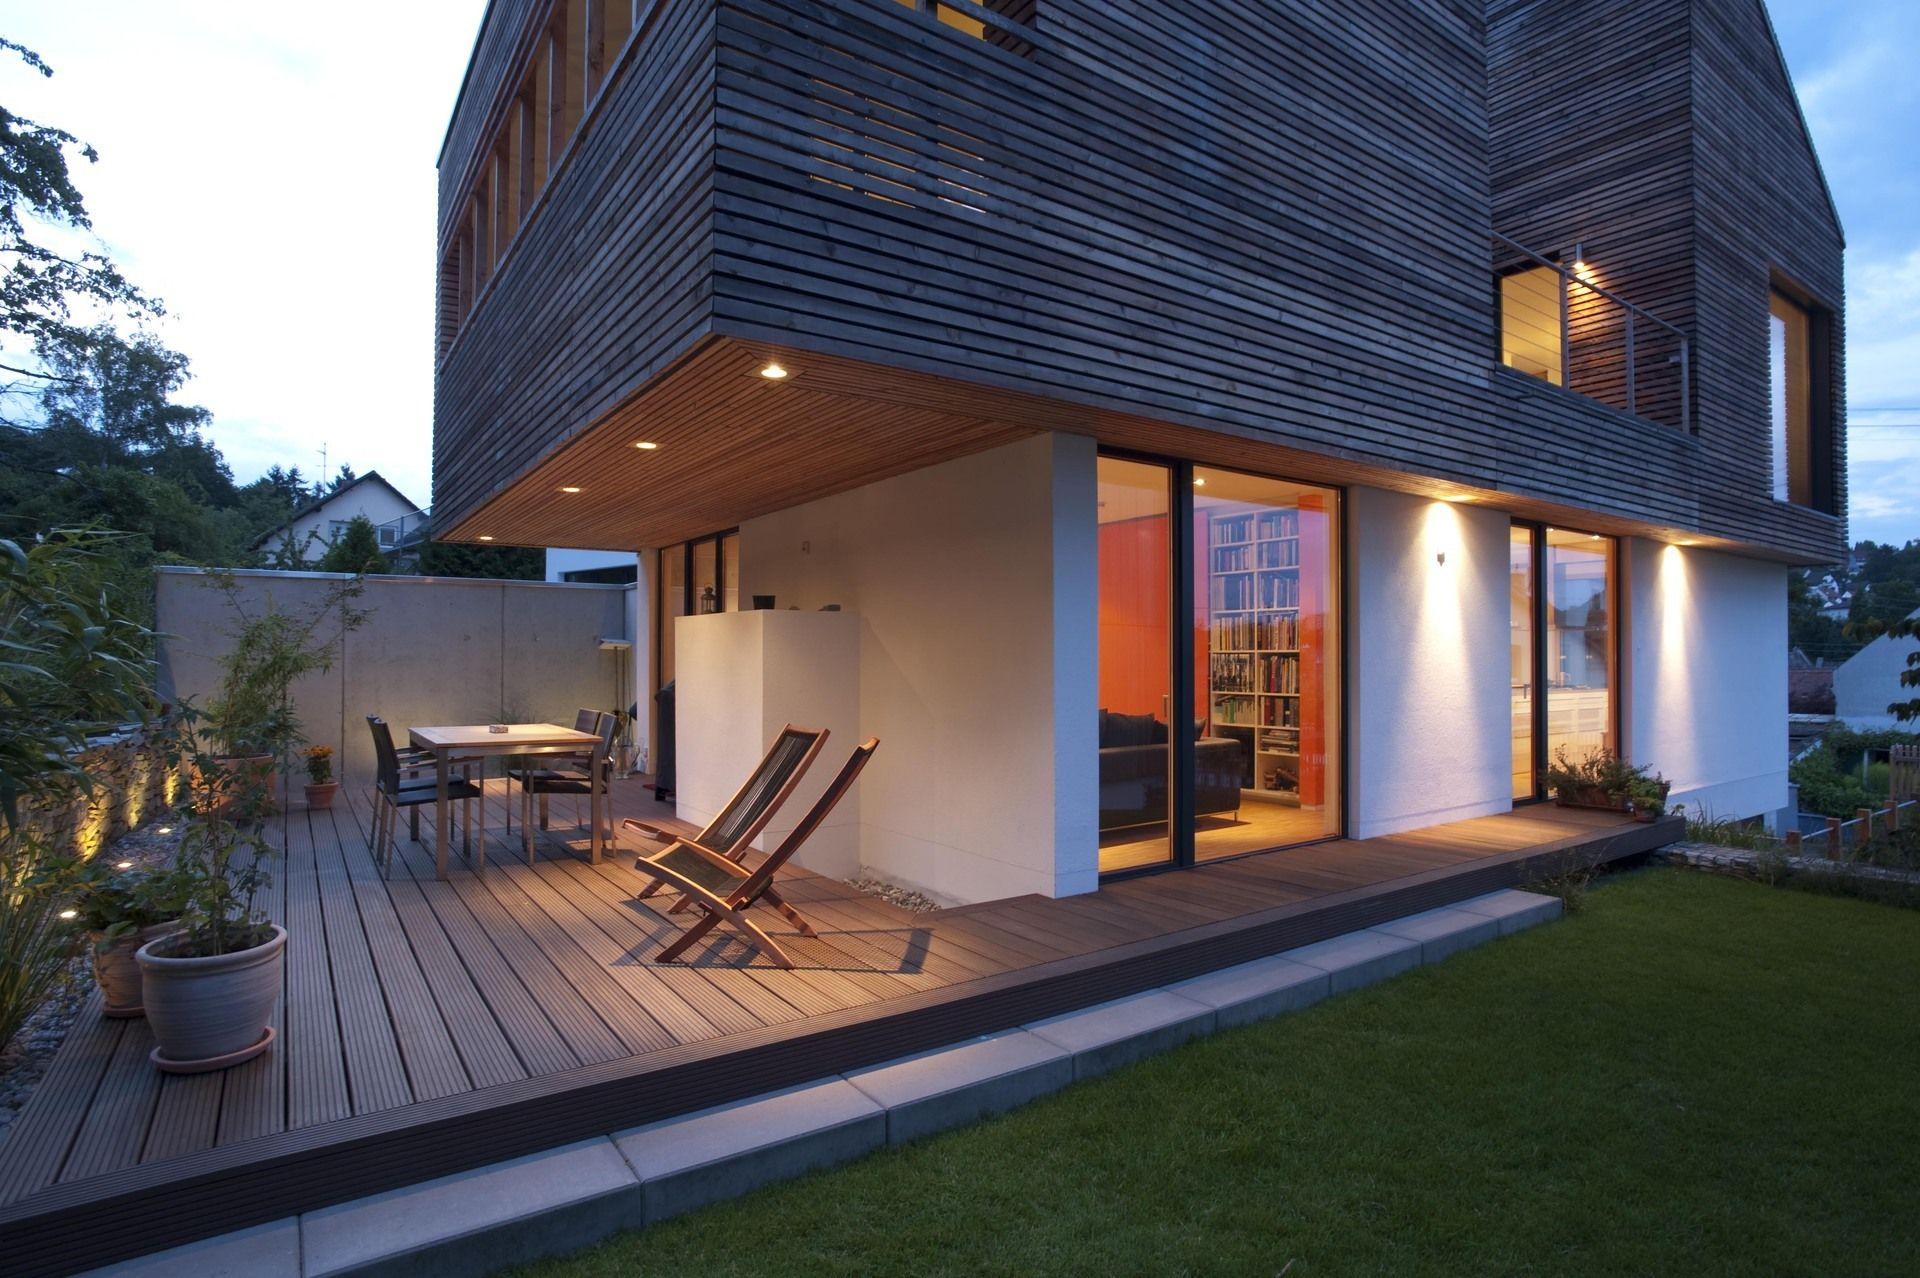 raffinierte terrassen-beleuchtung - bauemotion.de